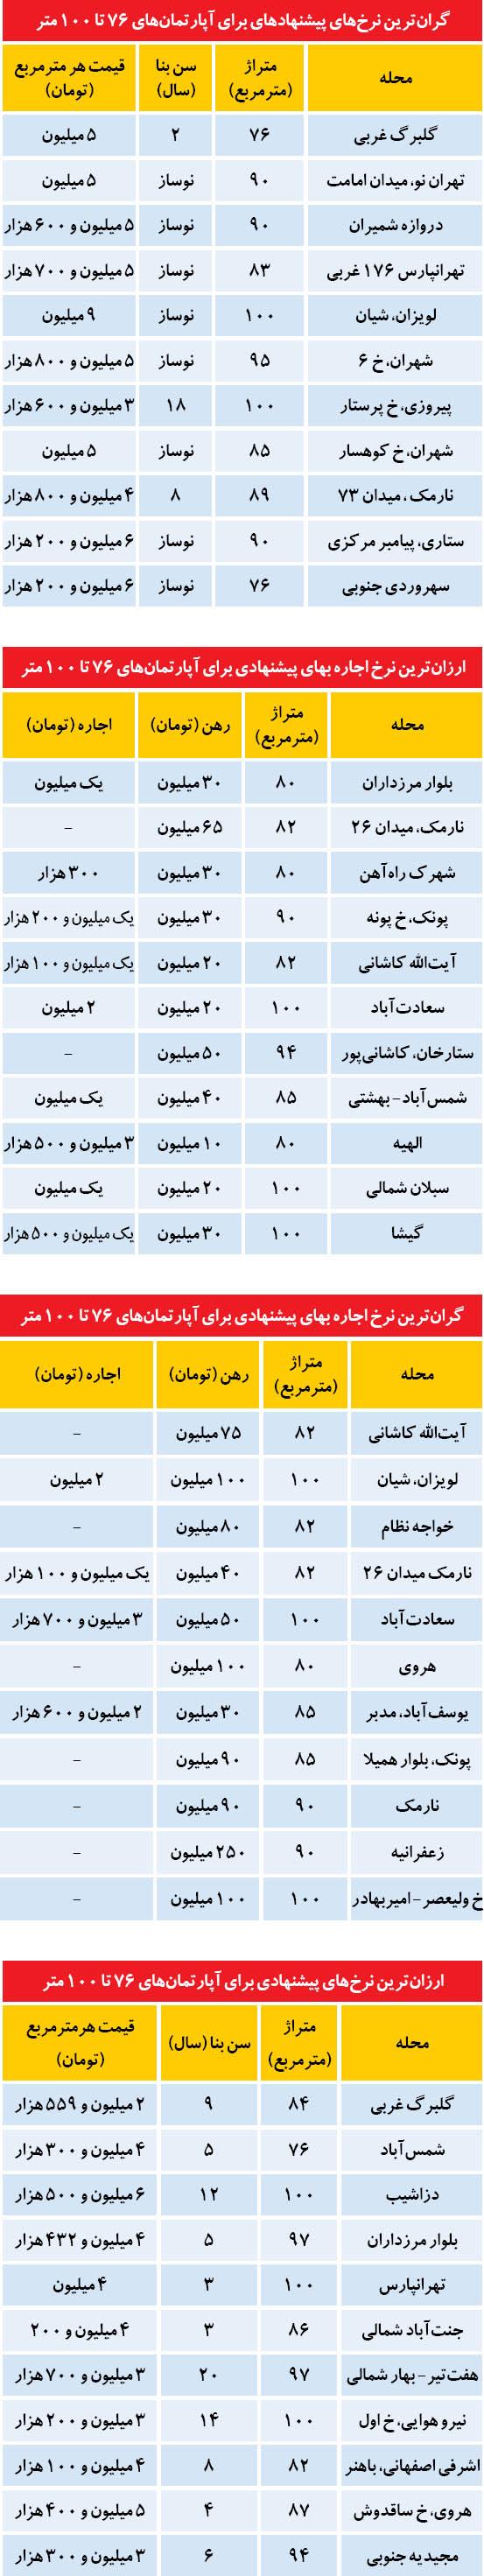 ارزانترین و گرانترین ها در بازار مسکن تهران (جدول)